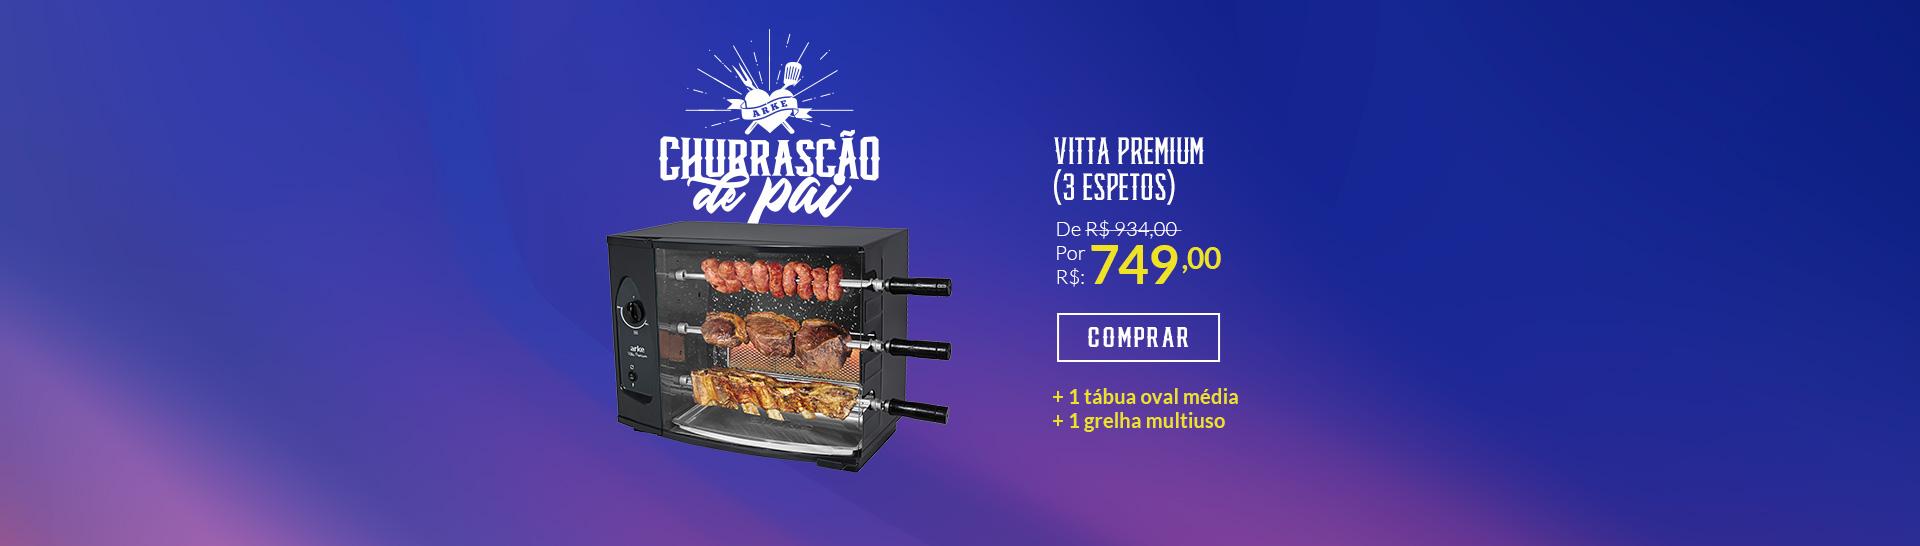 Vitta Premium 3